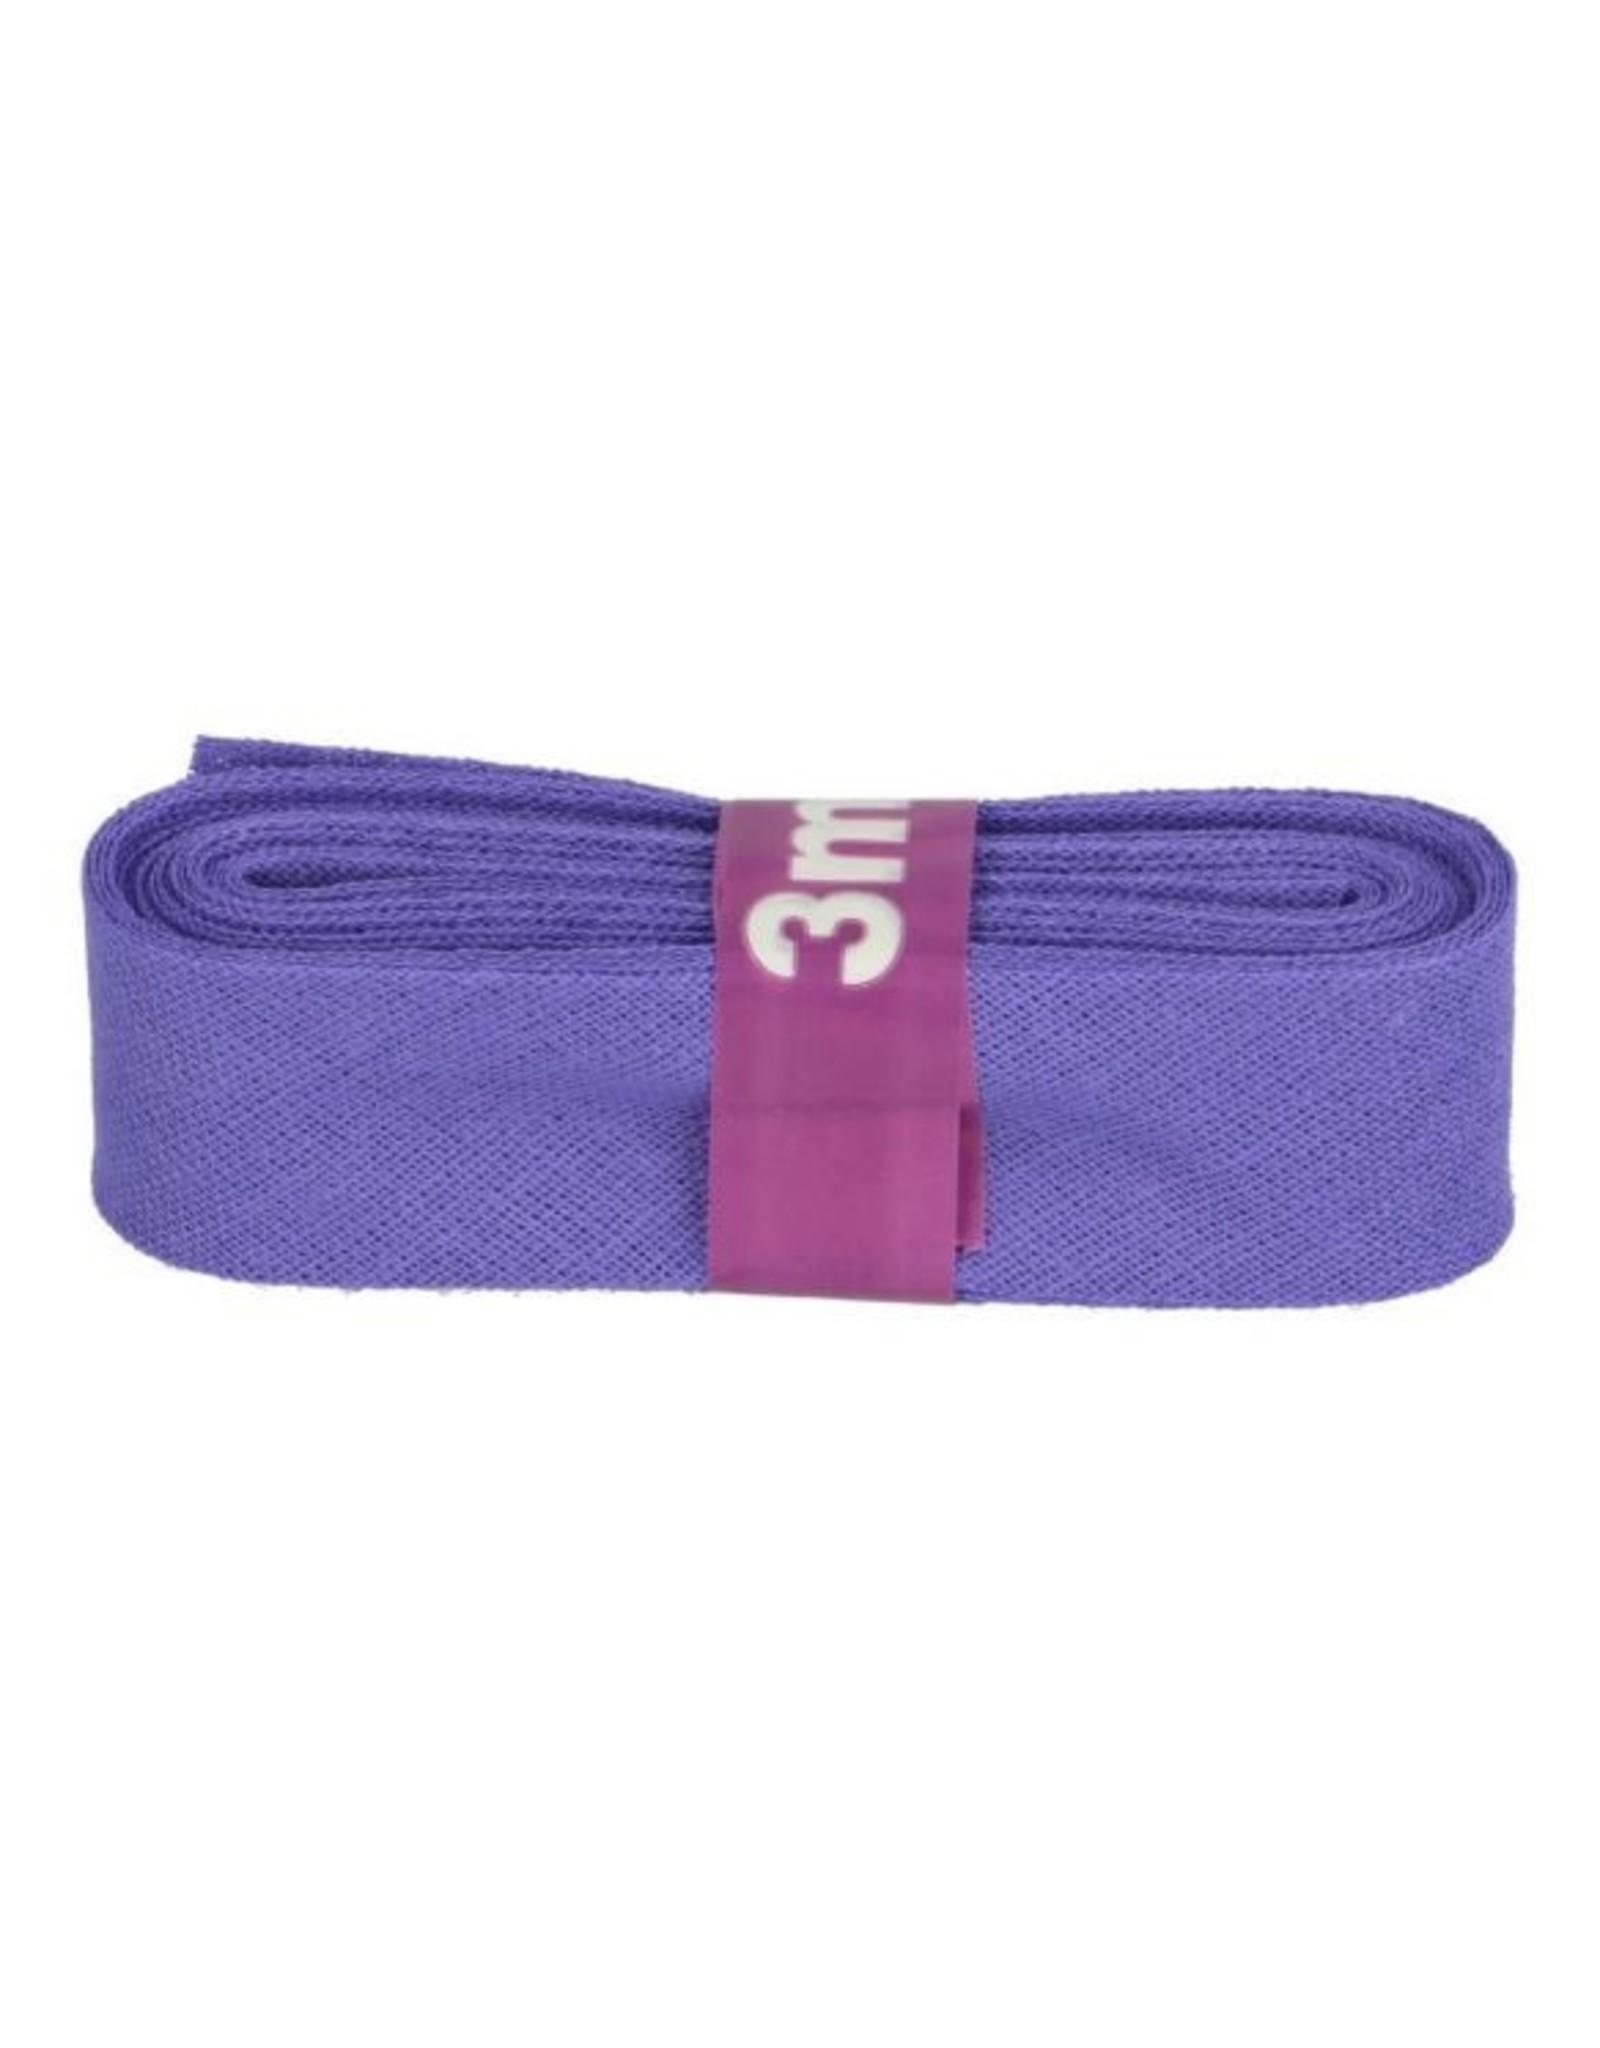 3m Schrägband aus Baumwolle 12mm Lila